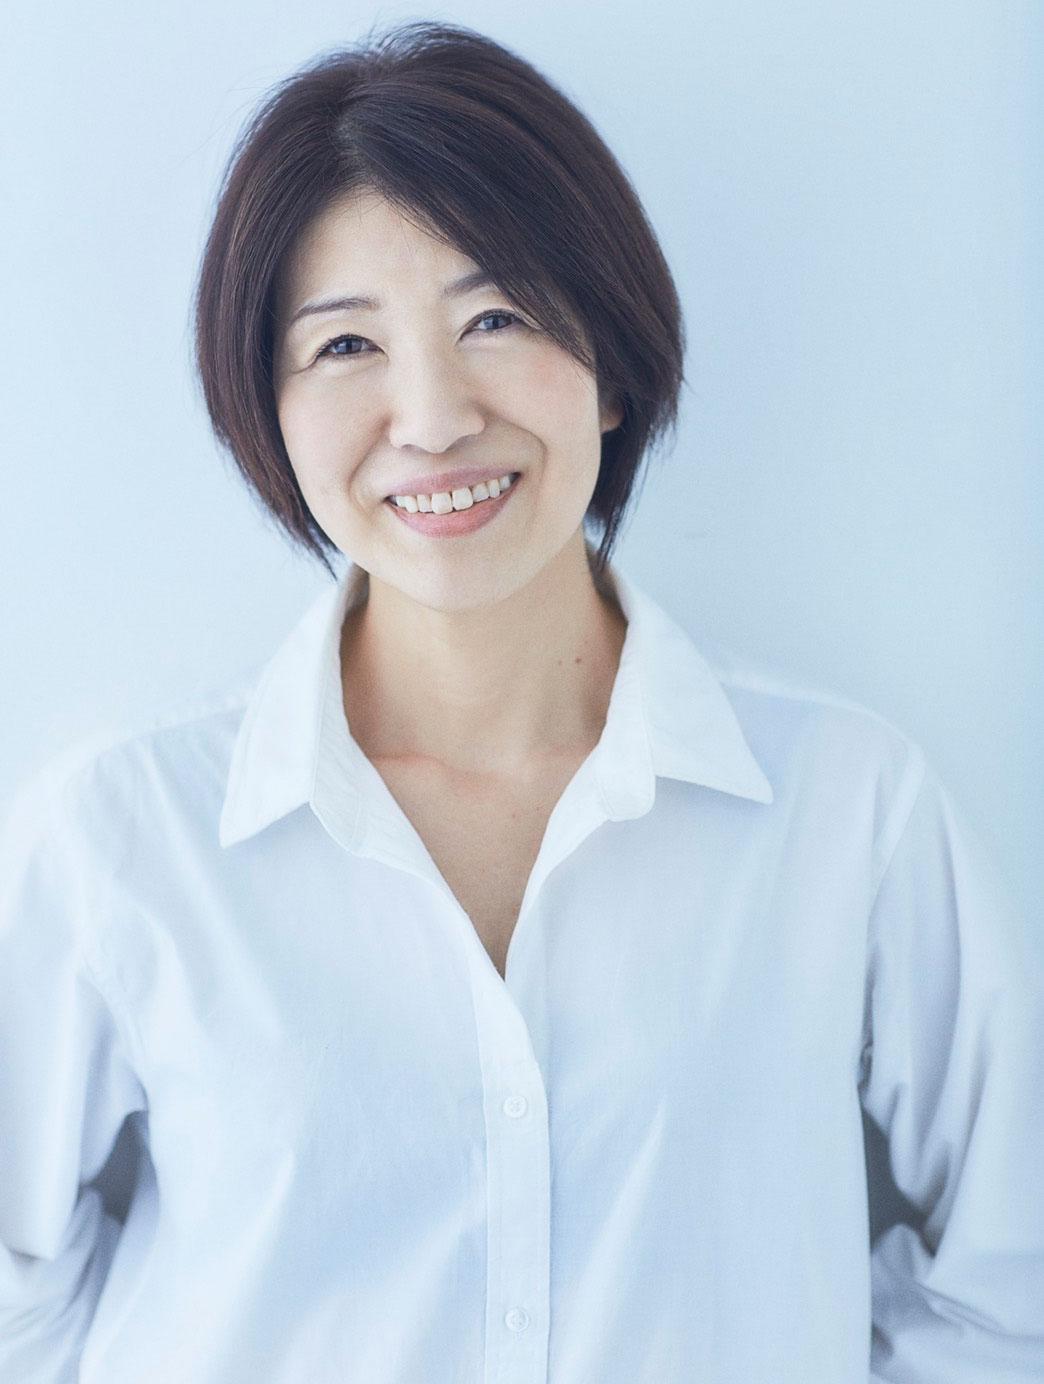 松井香,パーソナルトレーニングジムPlants代表